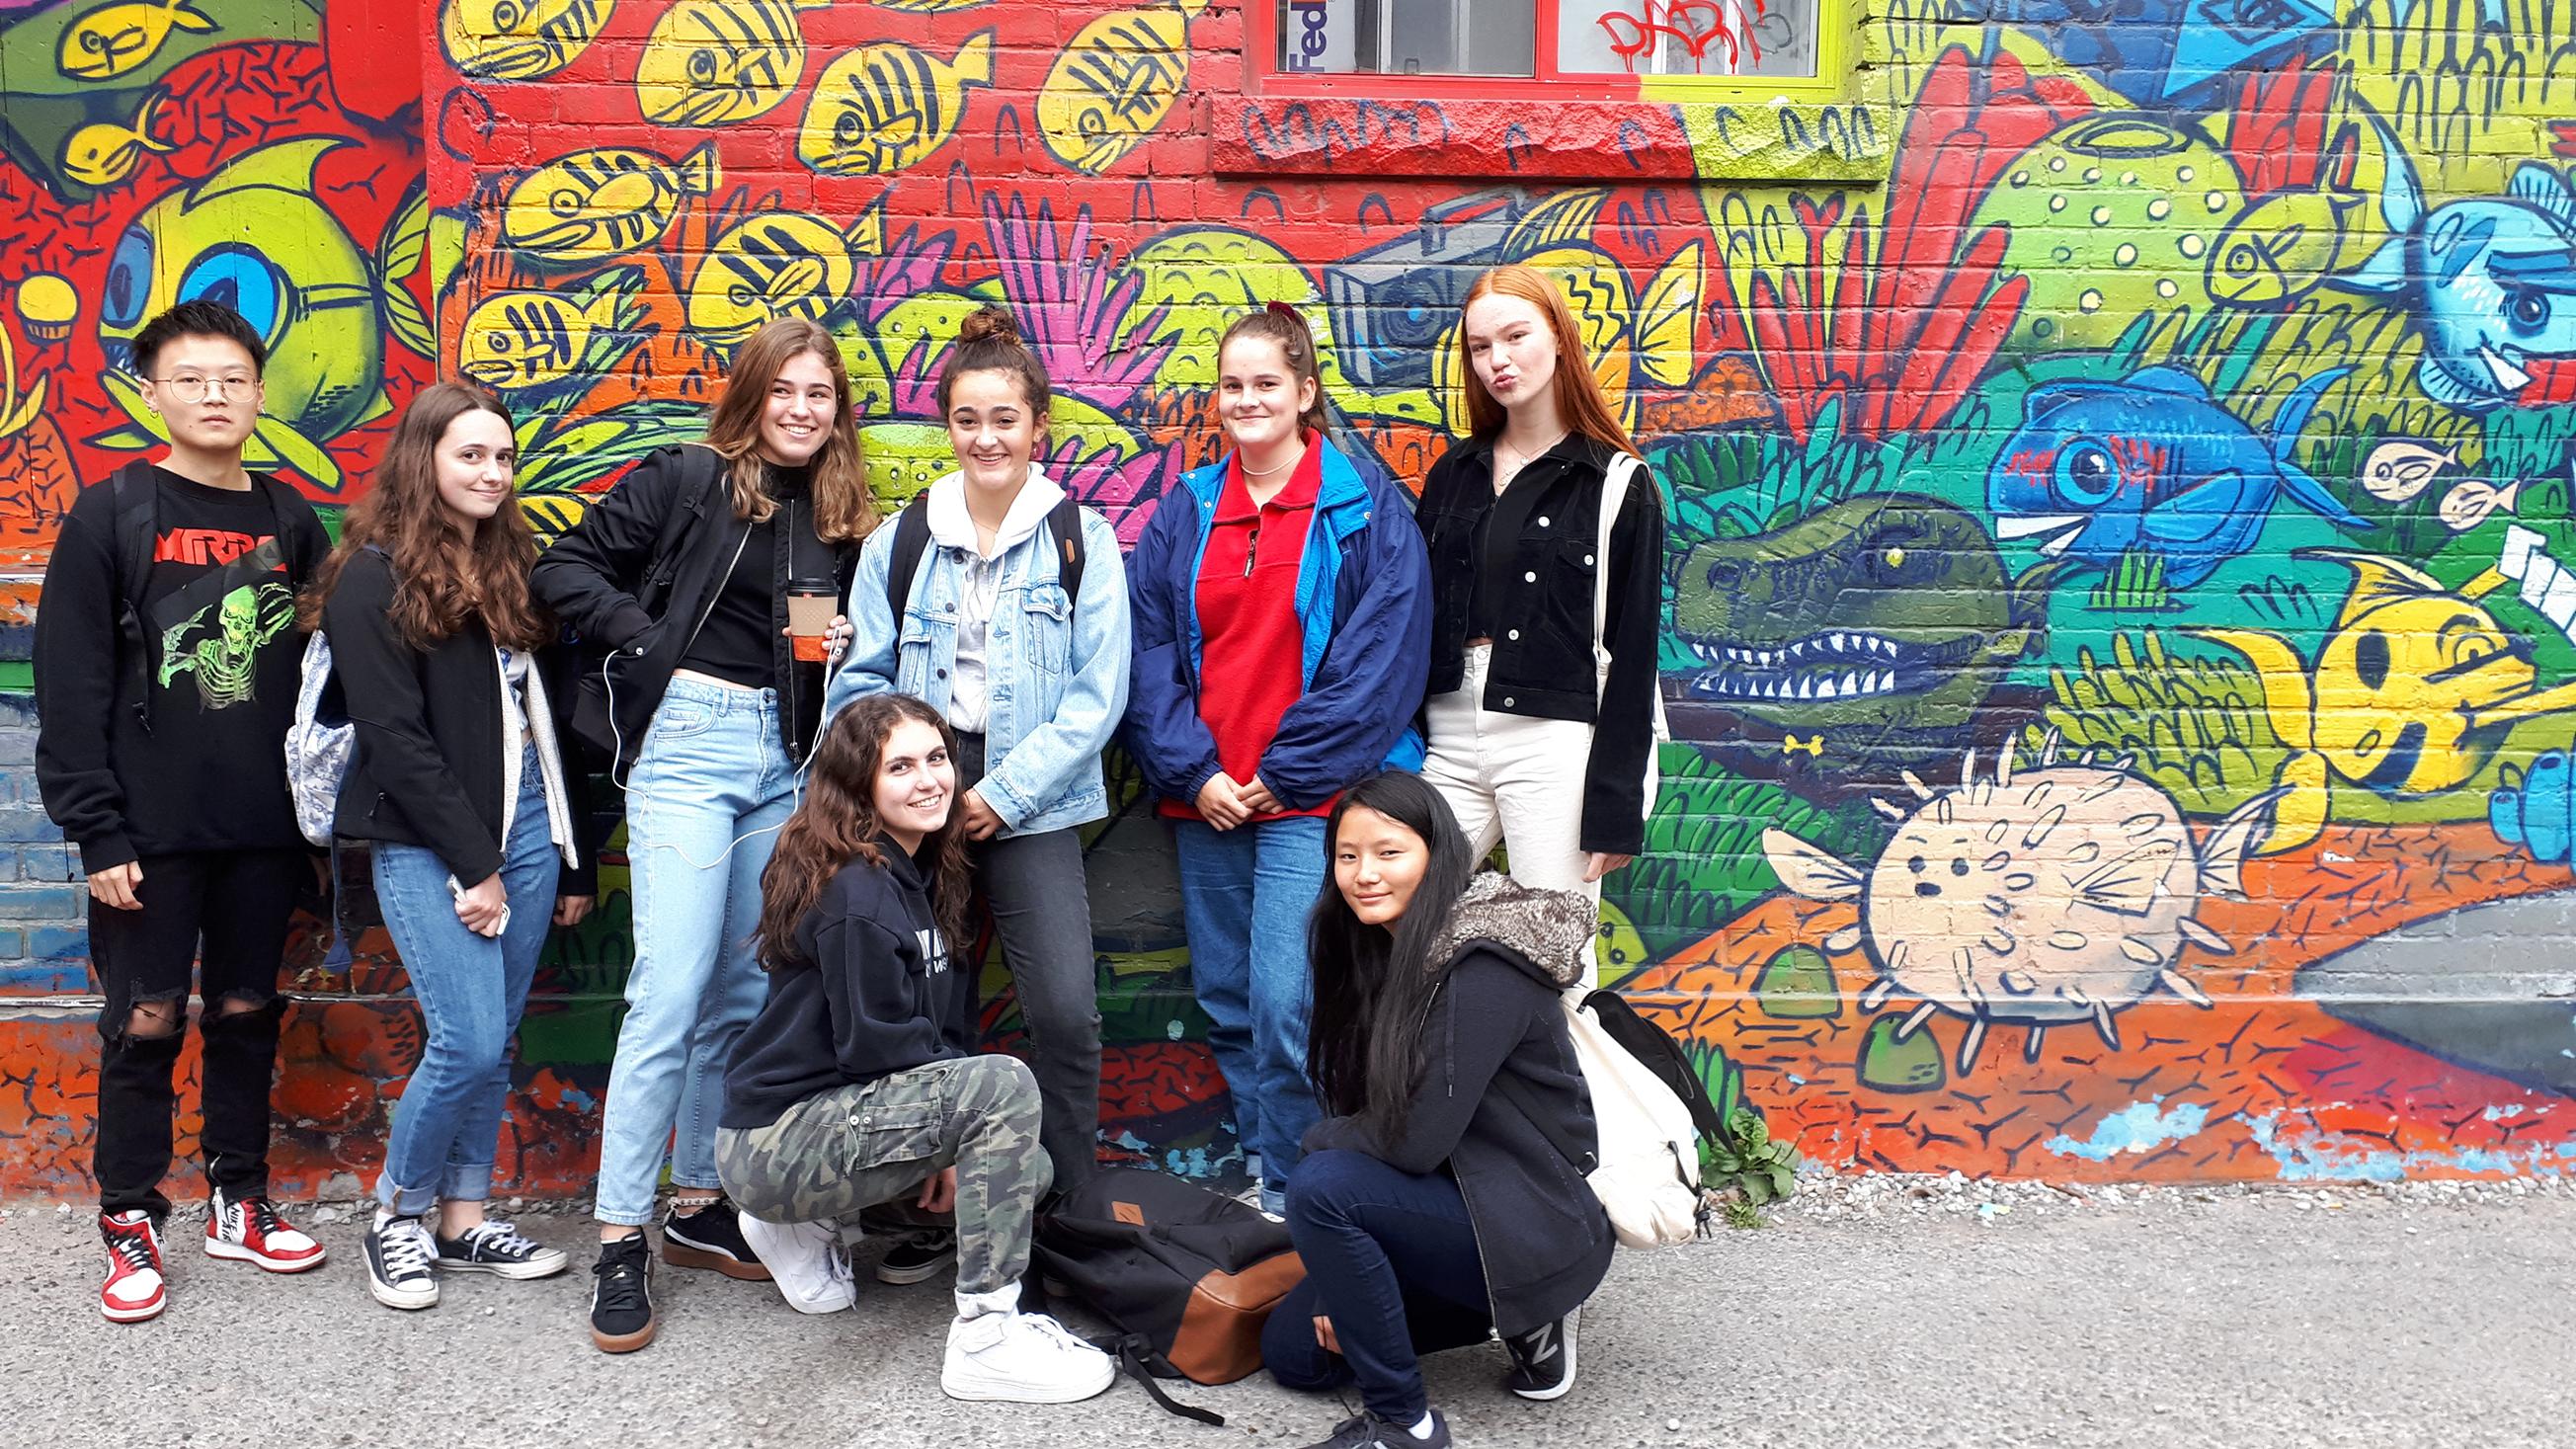 Graffiti_11.jpg